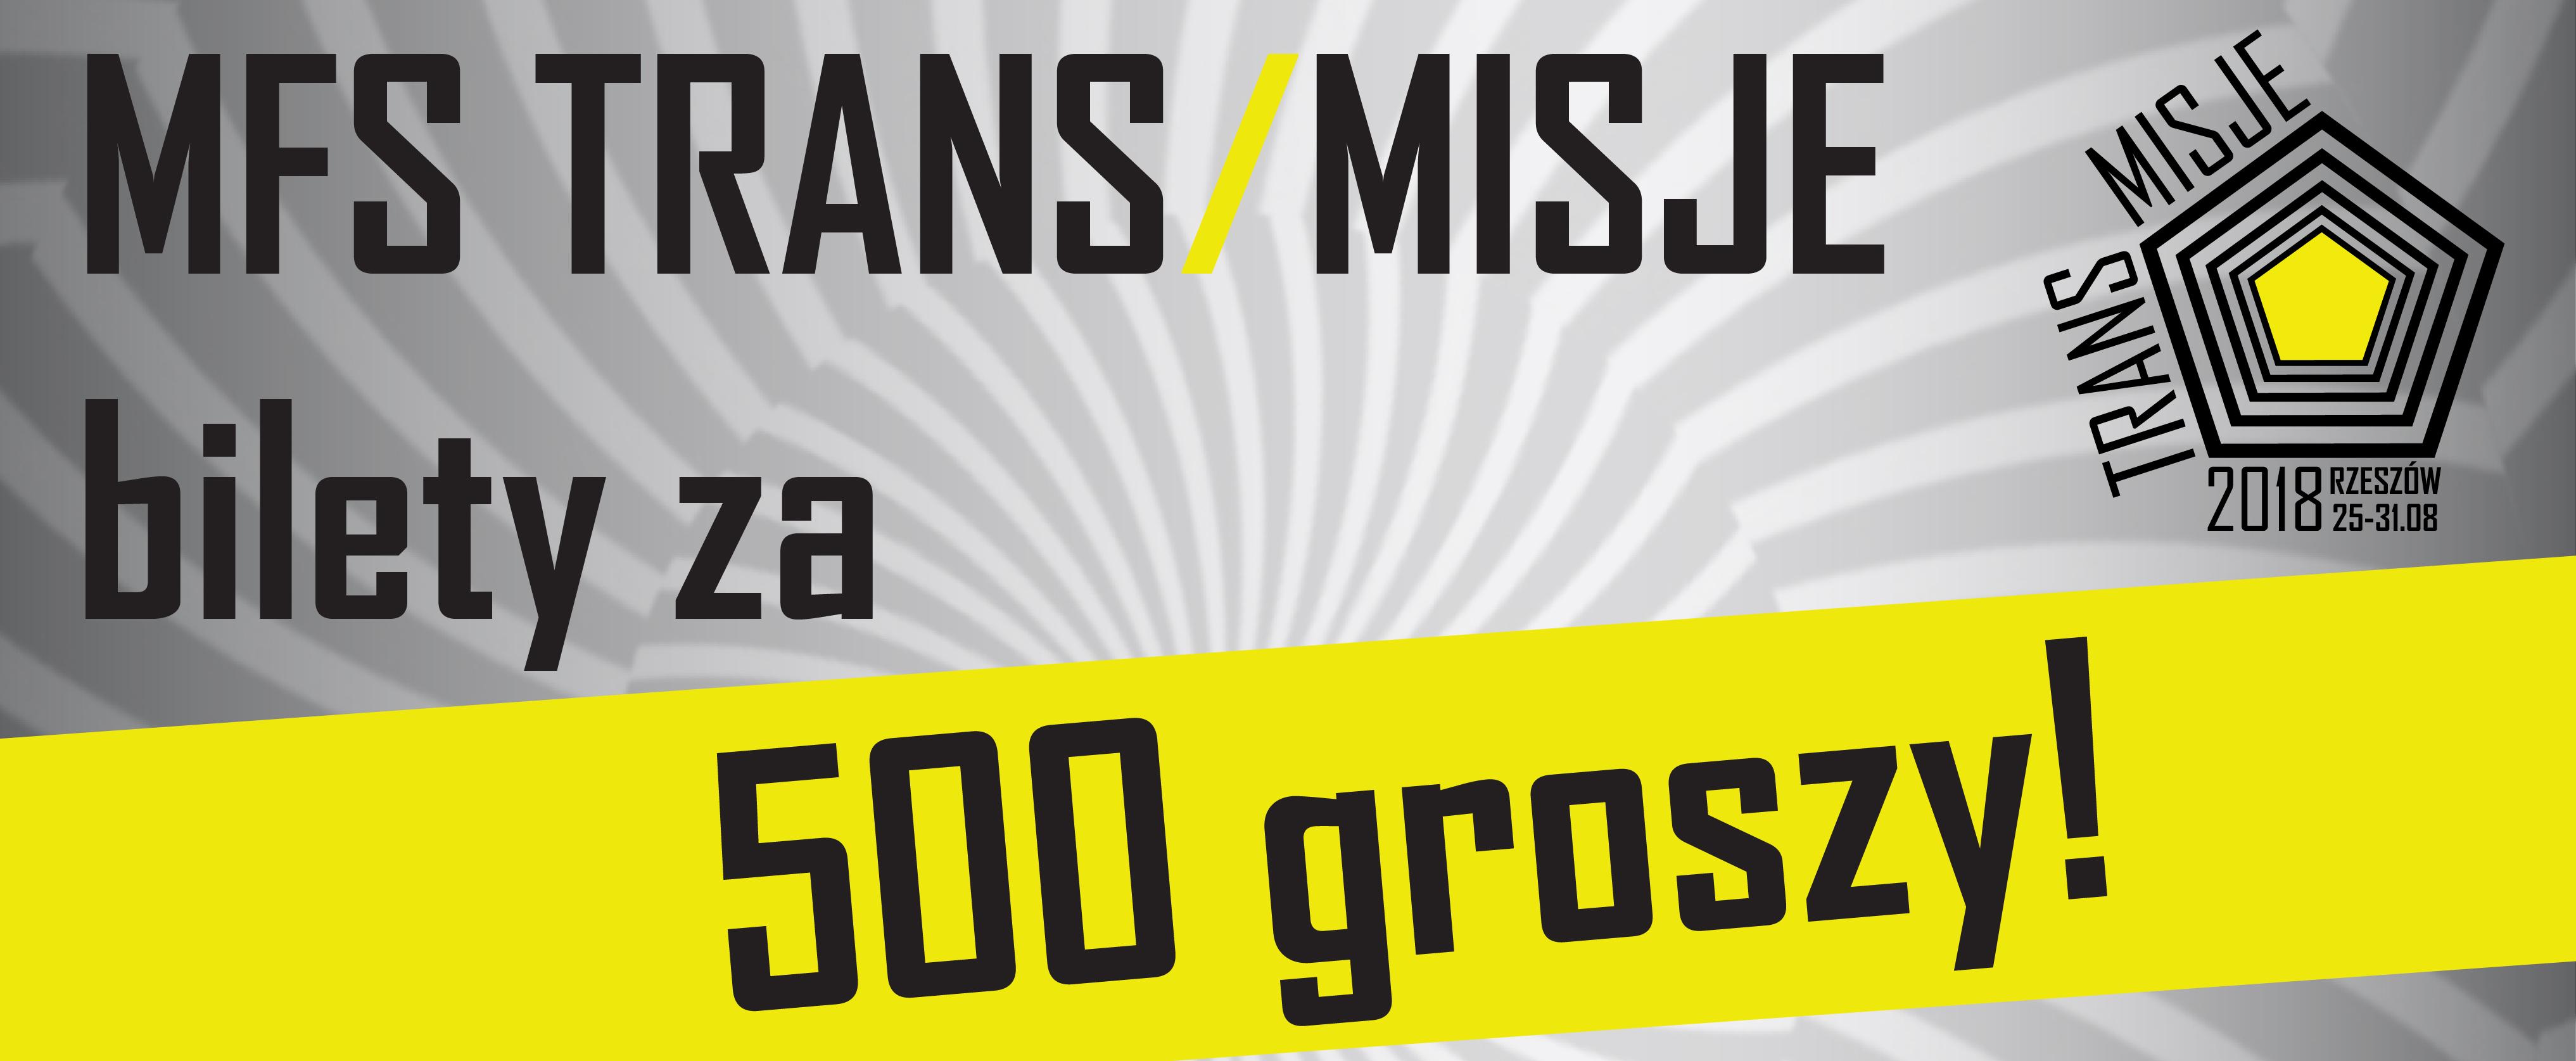 Bilety na MFS TRANS/MISJE w cenie 500 groszy!